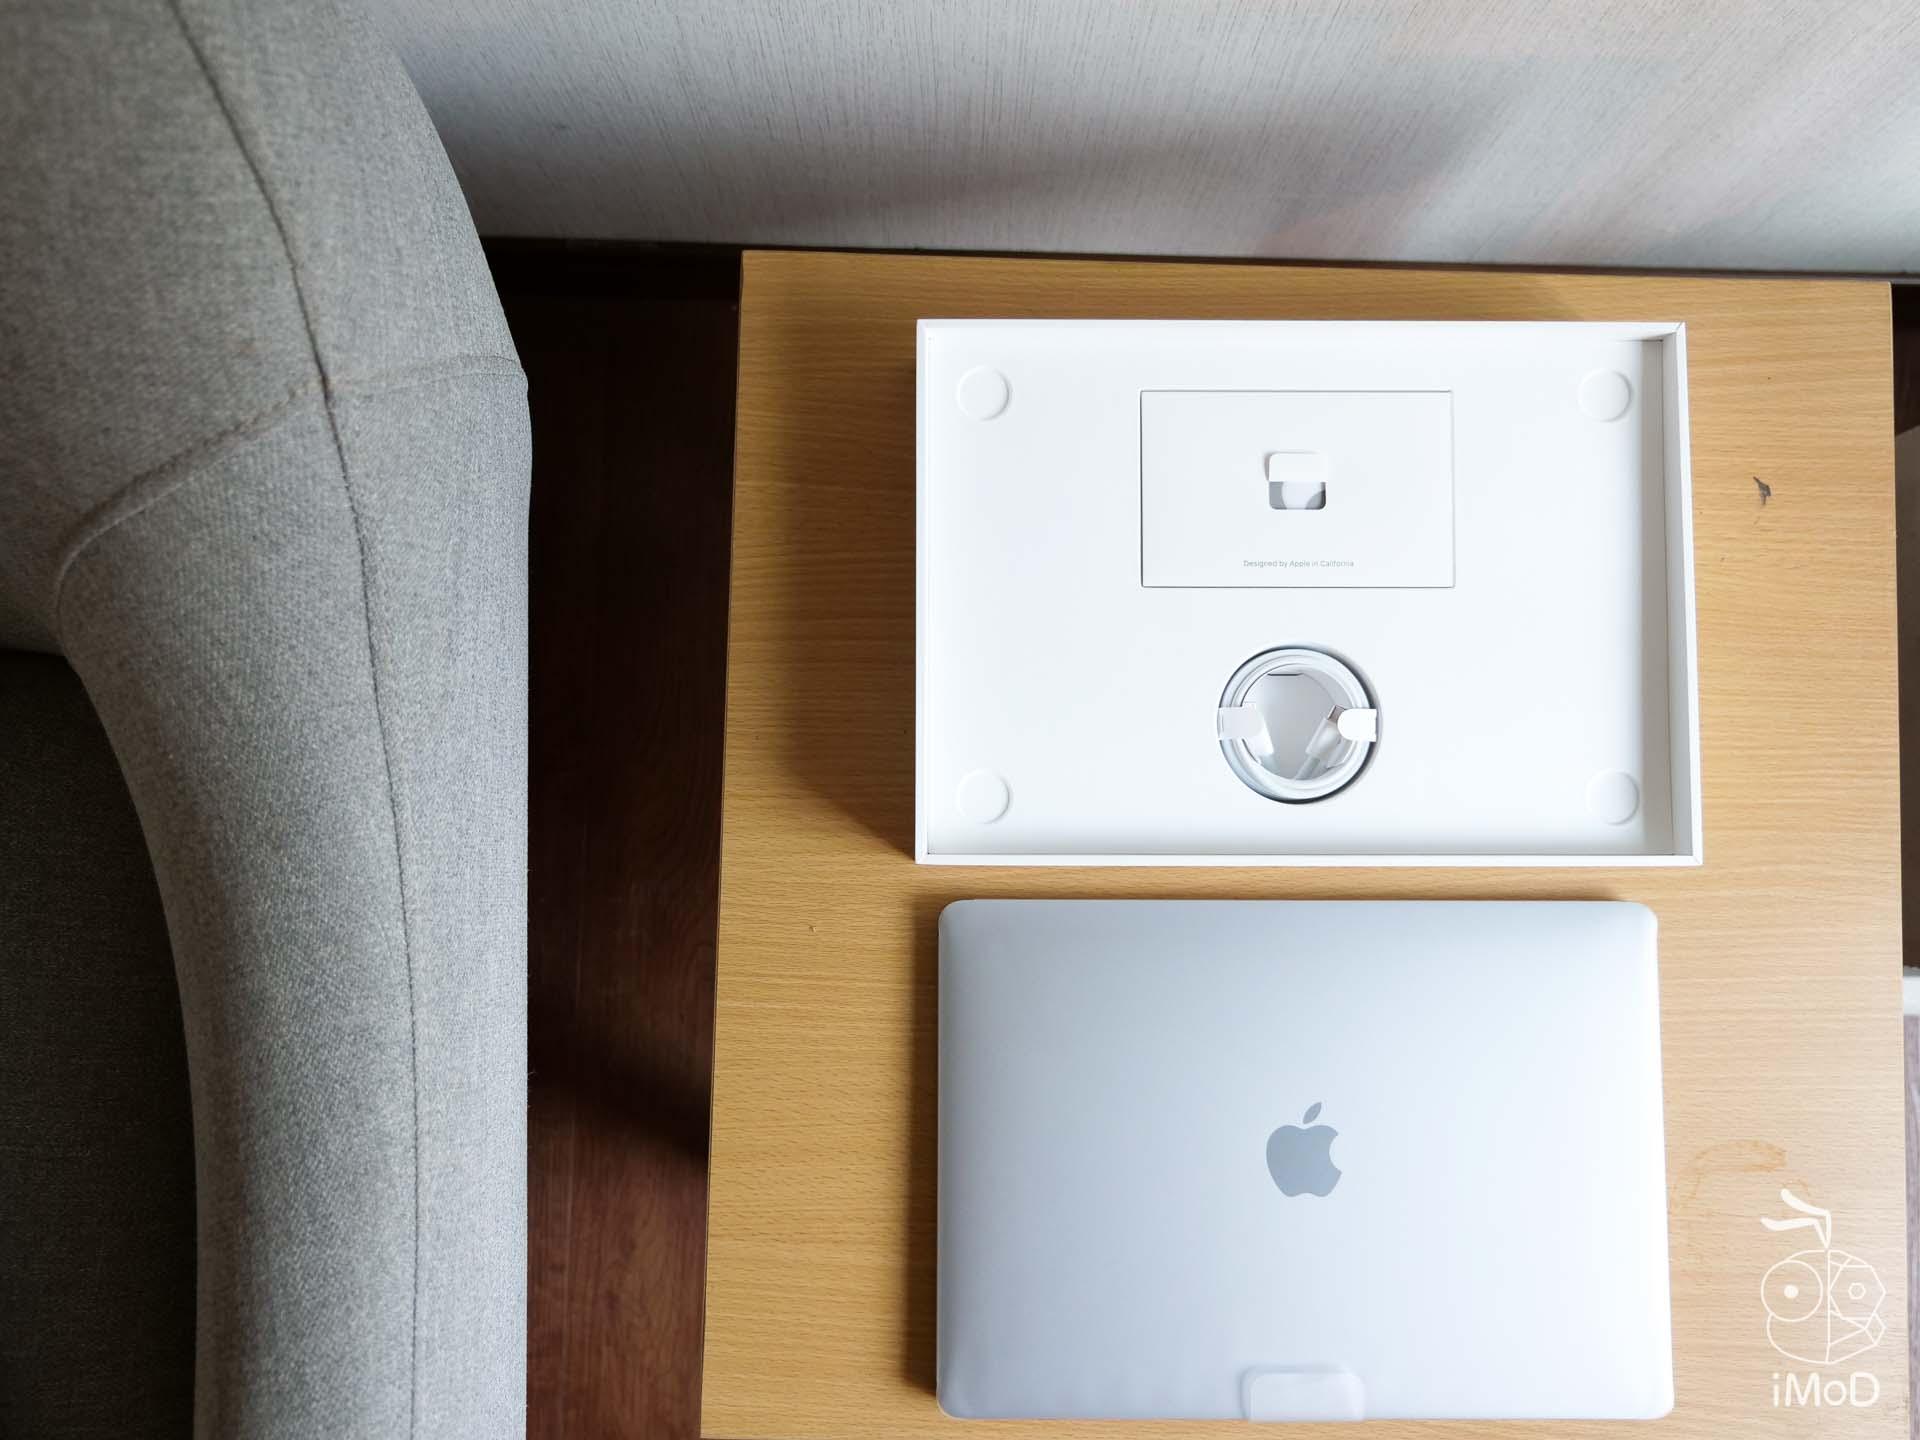 Macbook Air 2108 Review 1222763